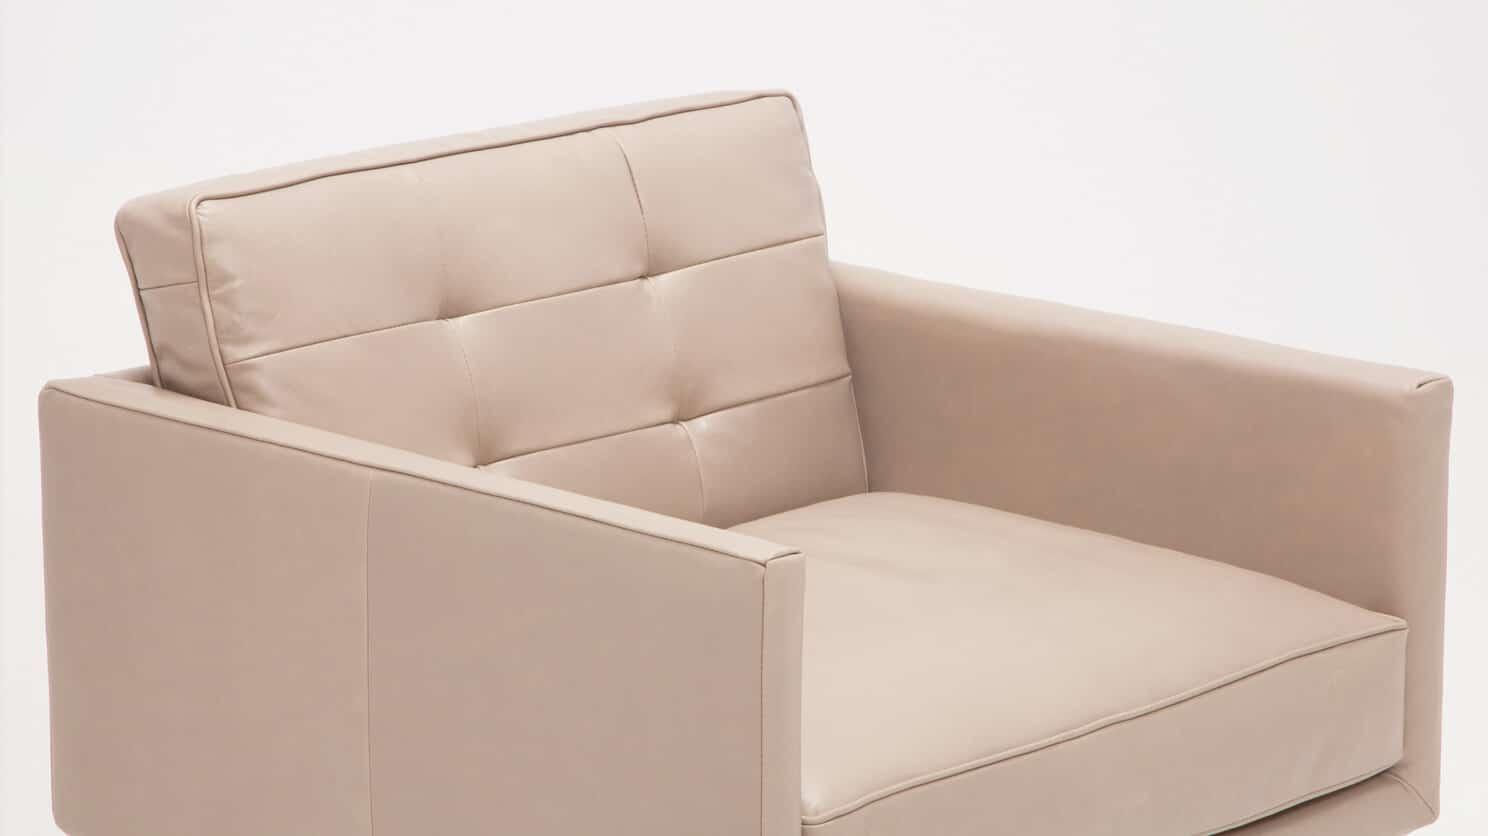 37155 95 par bp 3 chairs plateau club chair foam coachella warm grey detail 01